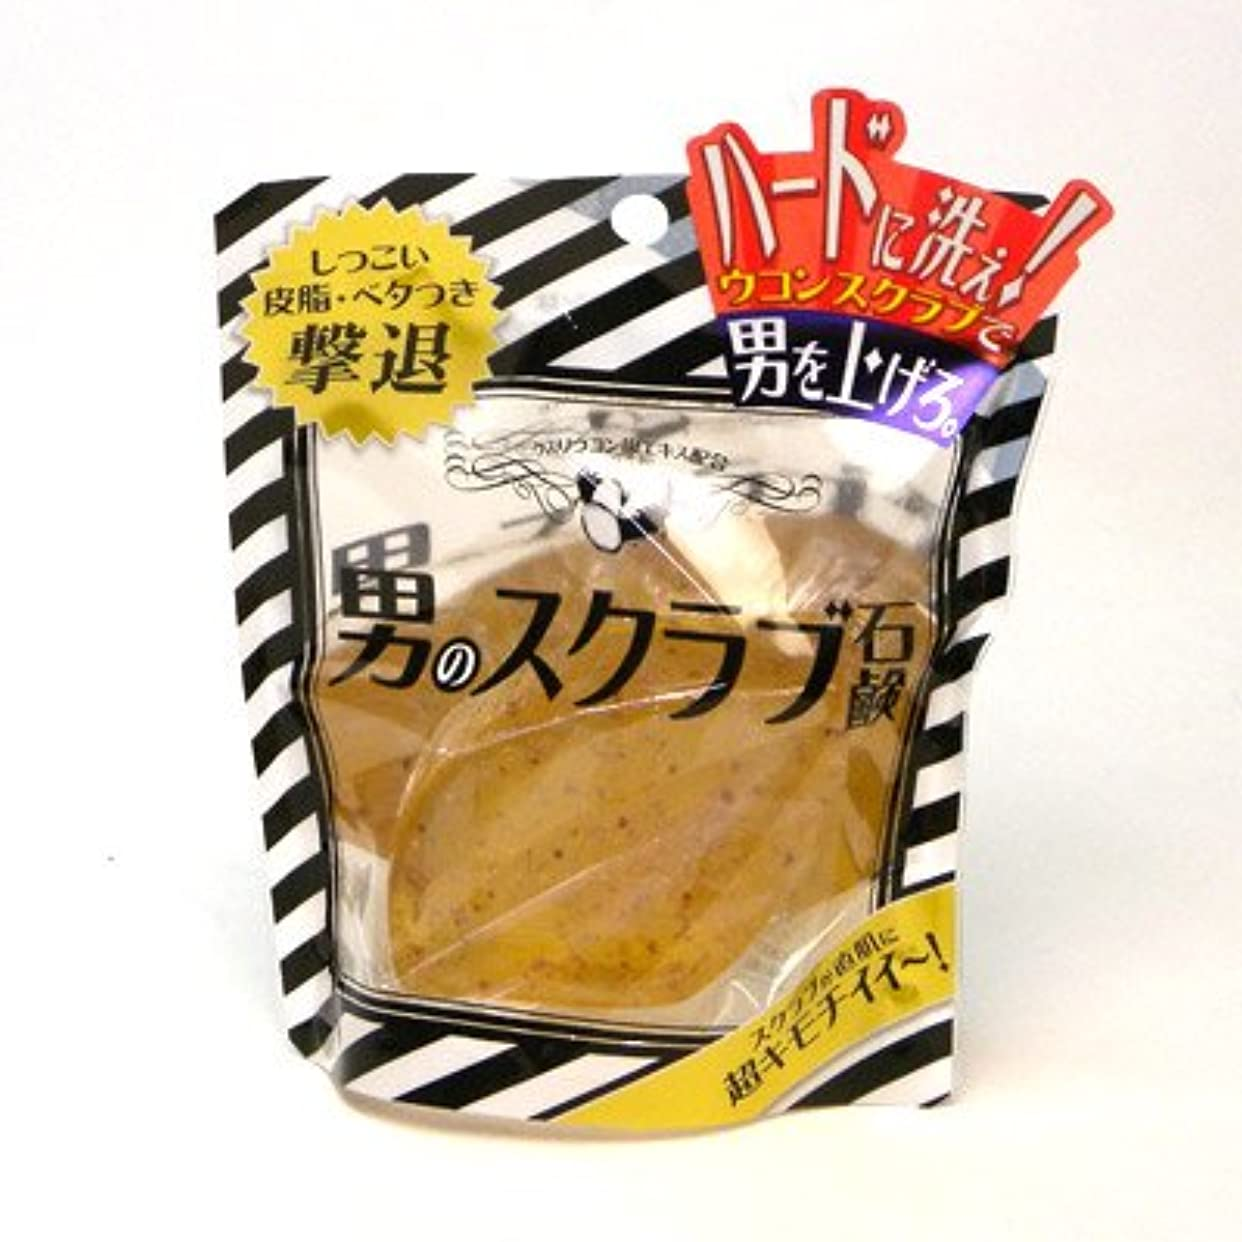 スキニーブレーク飾り羽ダイト 男のスクラブ石鹸 80g [並行輸入品]